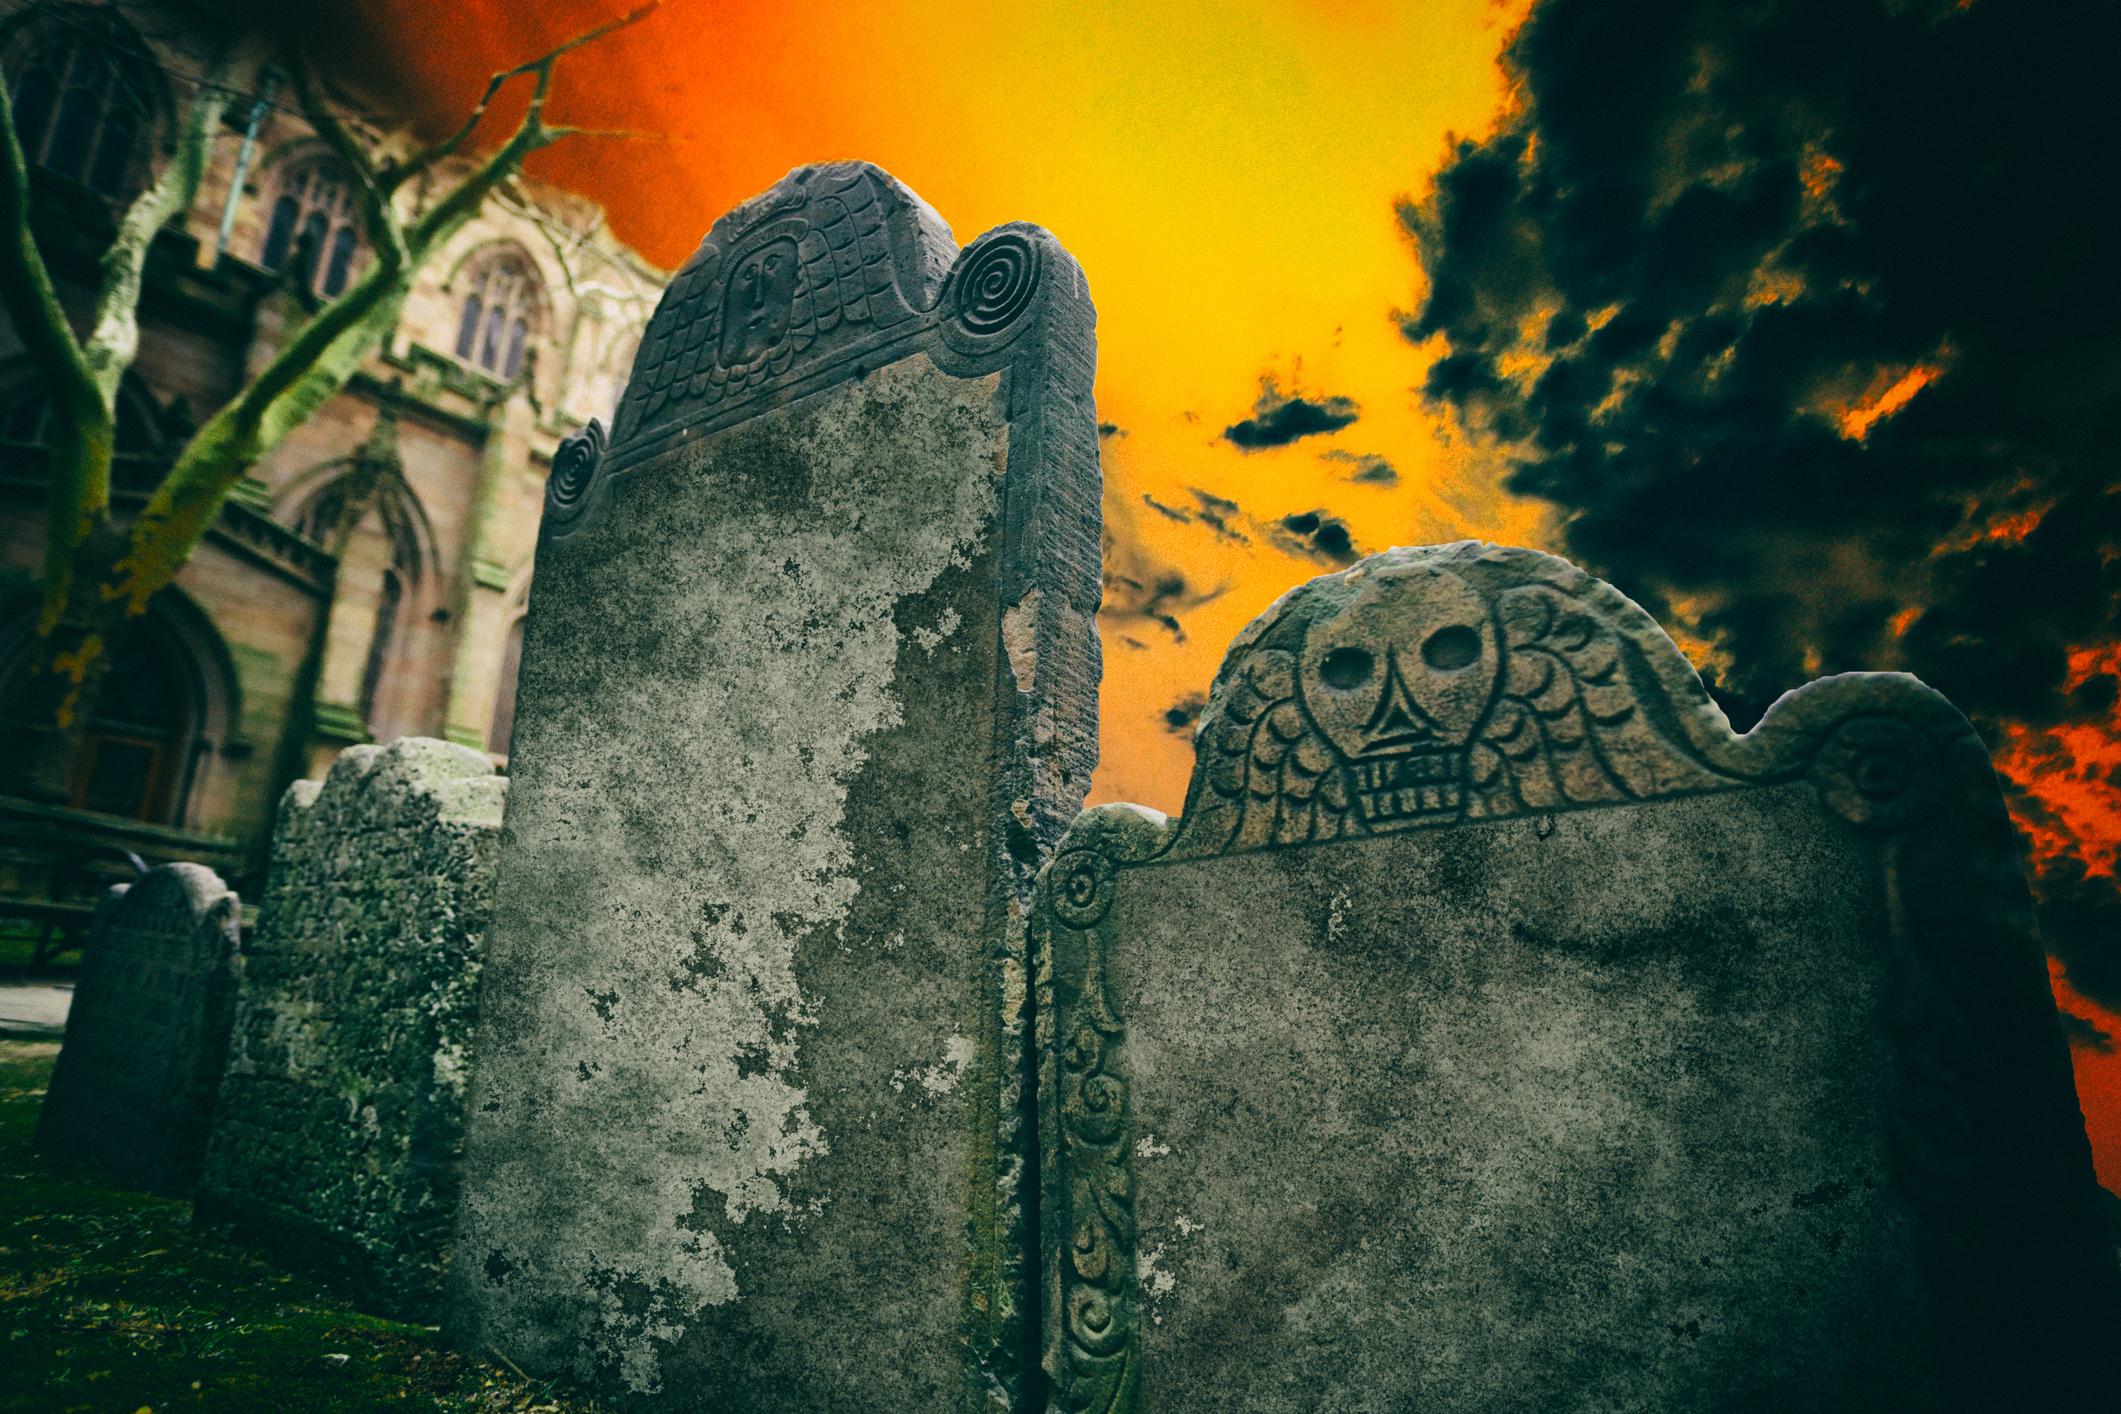 Trinity Churchyard for Halloween 2020 Events